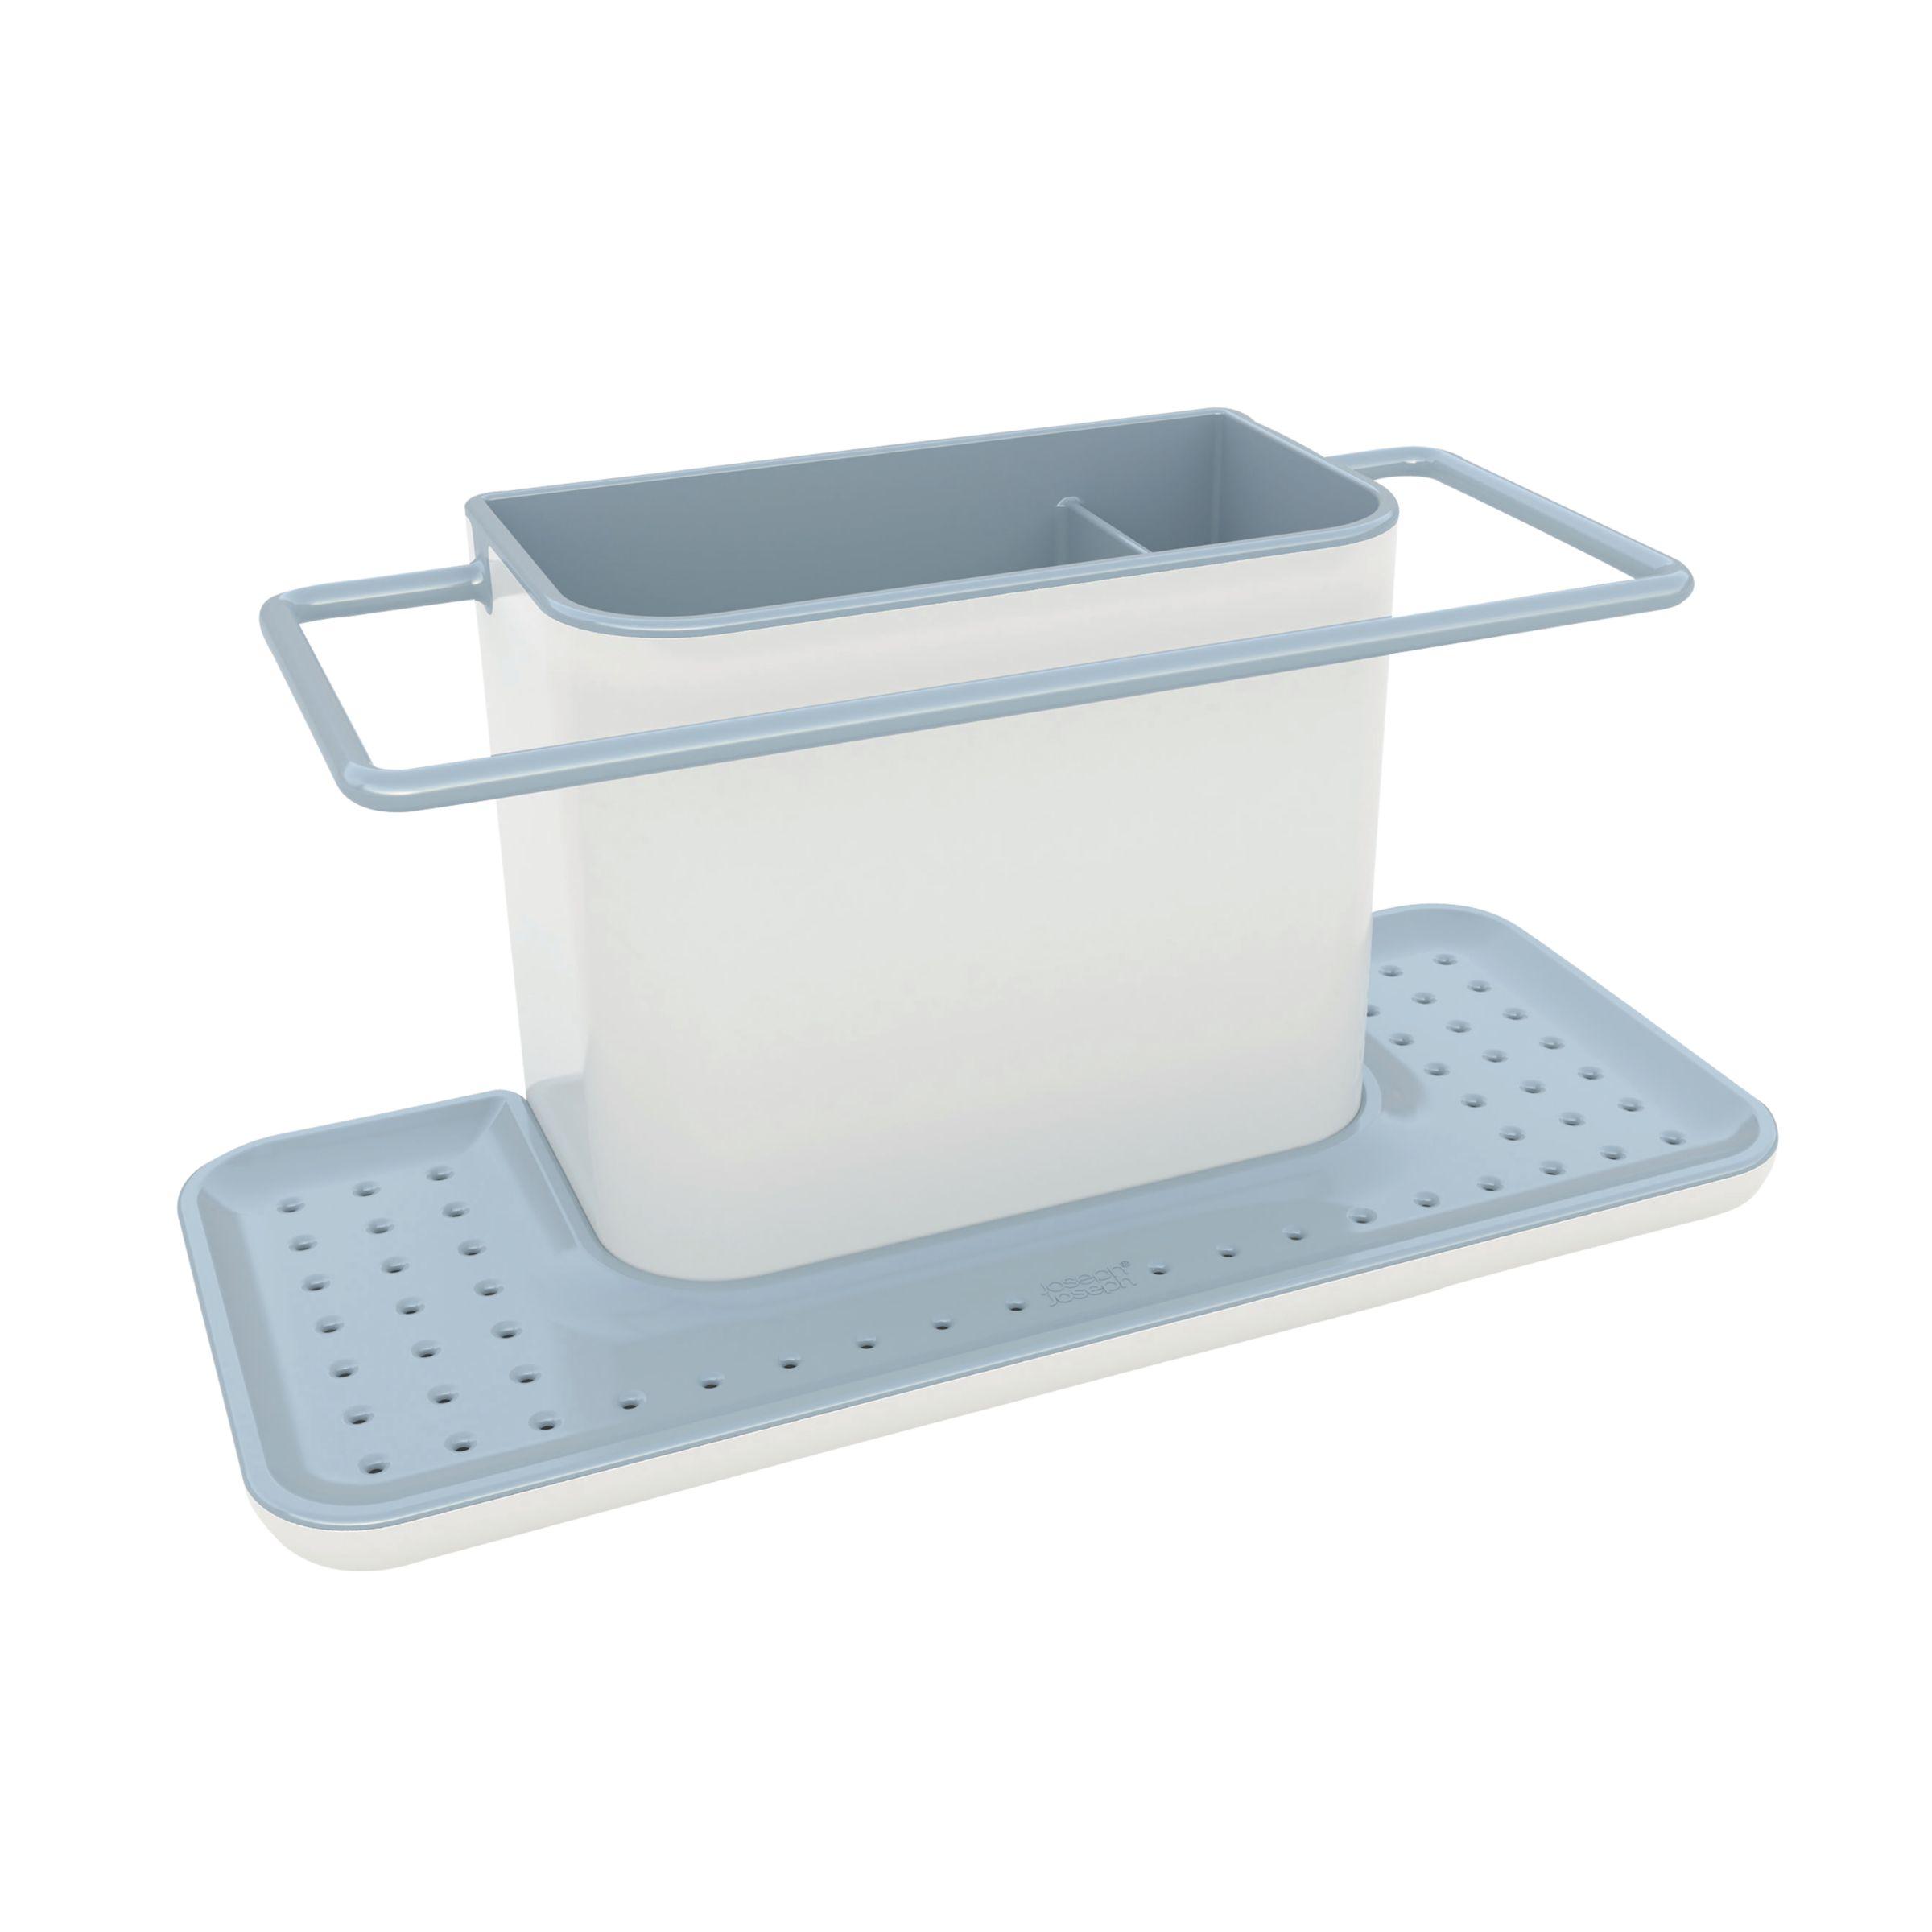 Joseph Joseph Joseph Joseph Large Sink Caddy, Blue Grey